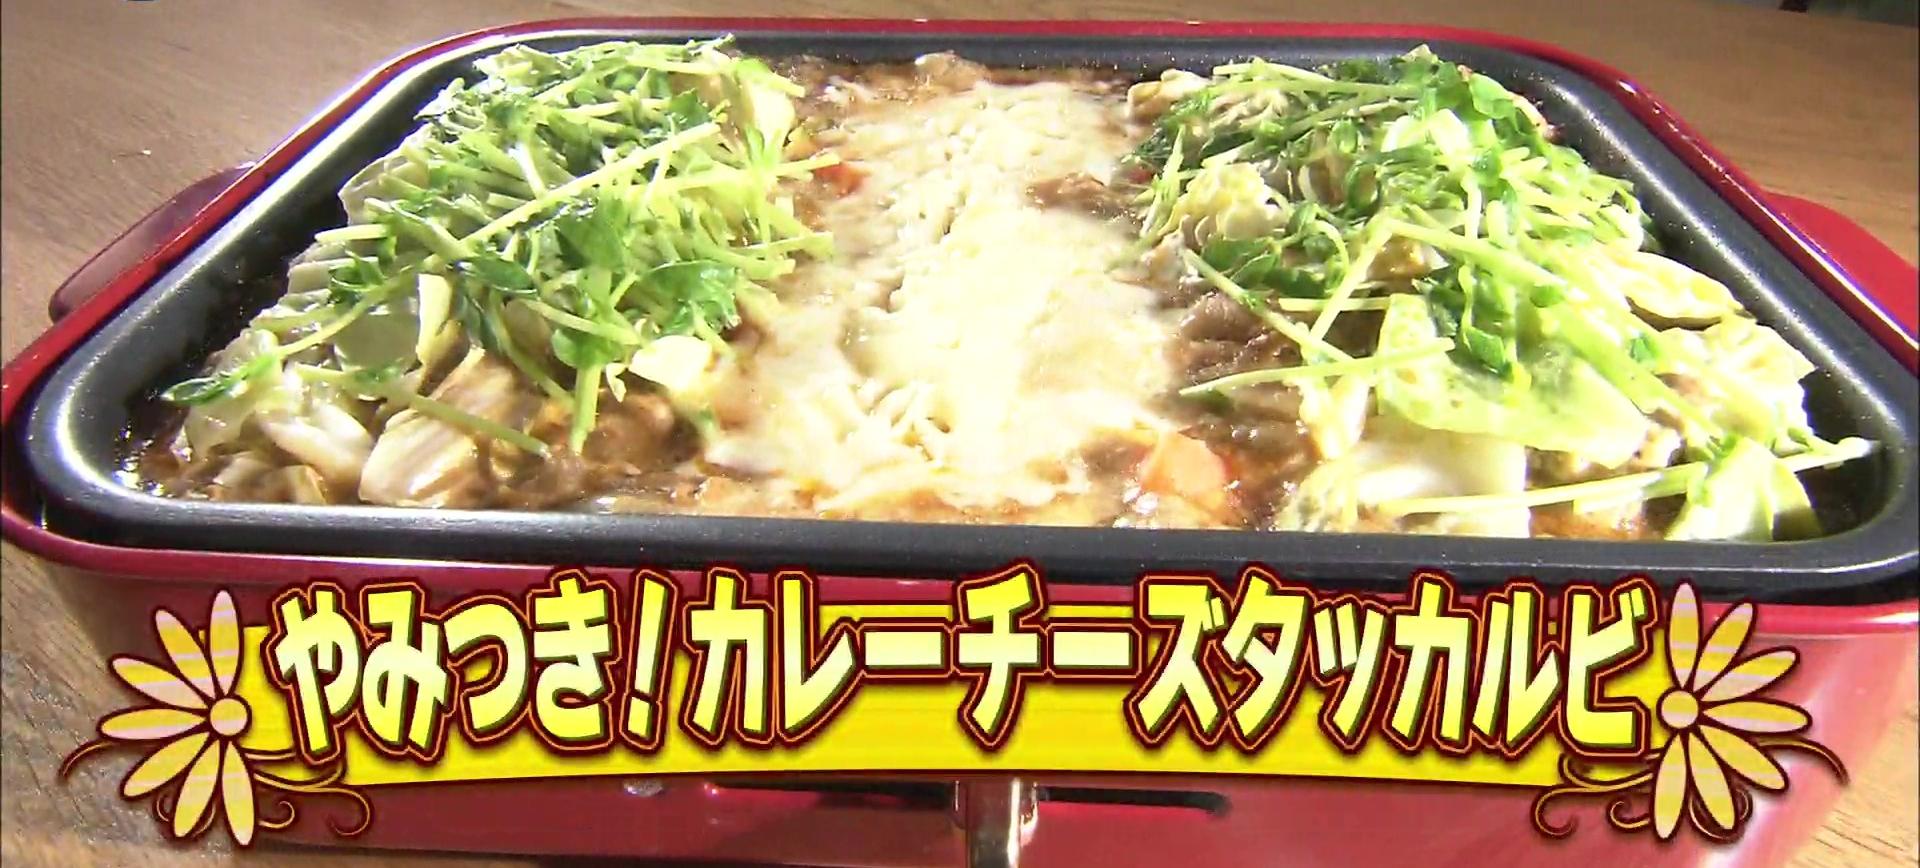 土曜カレー部 2日目カレーレシピ